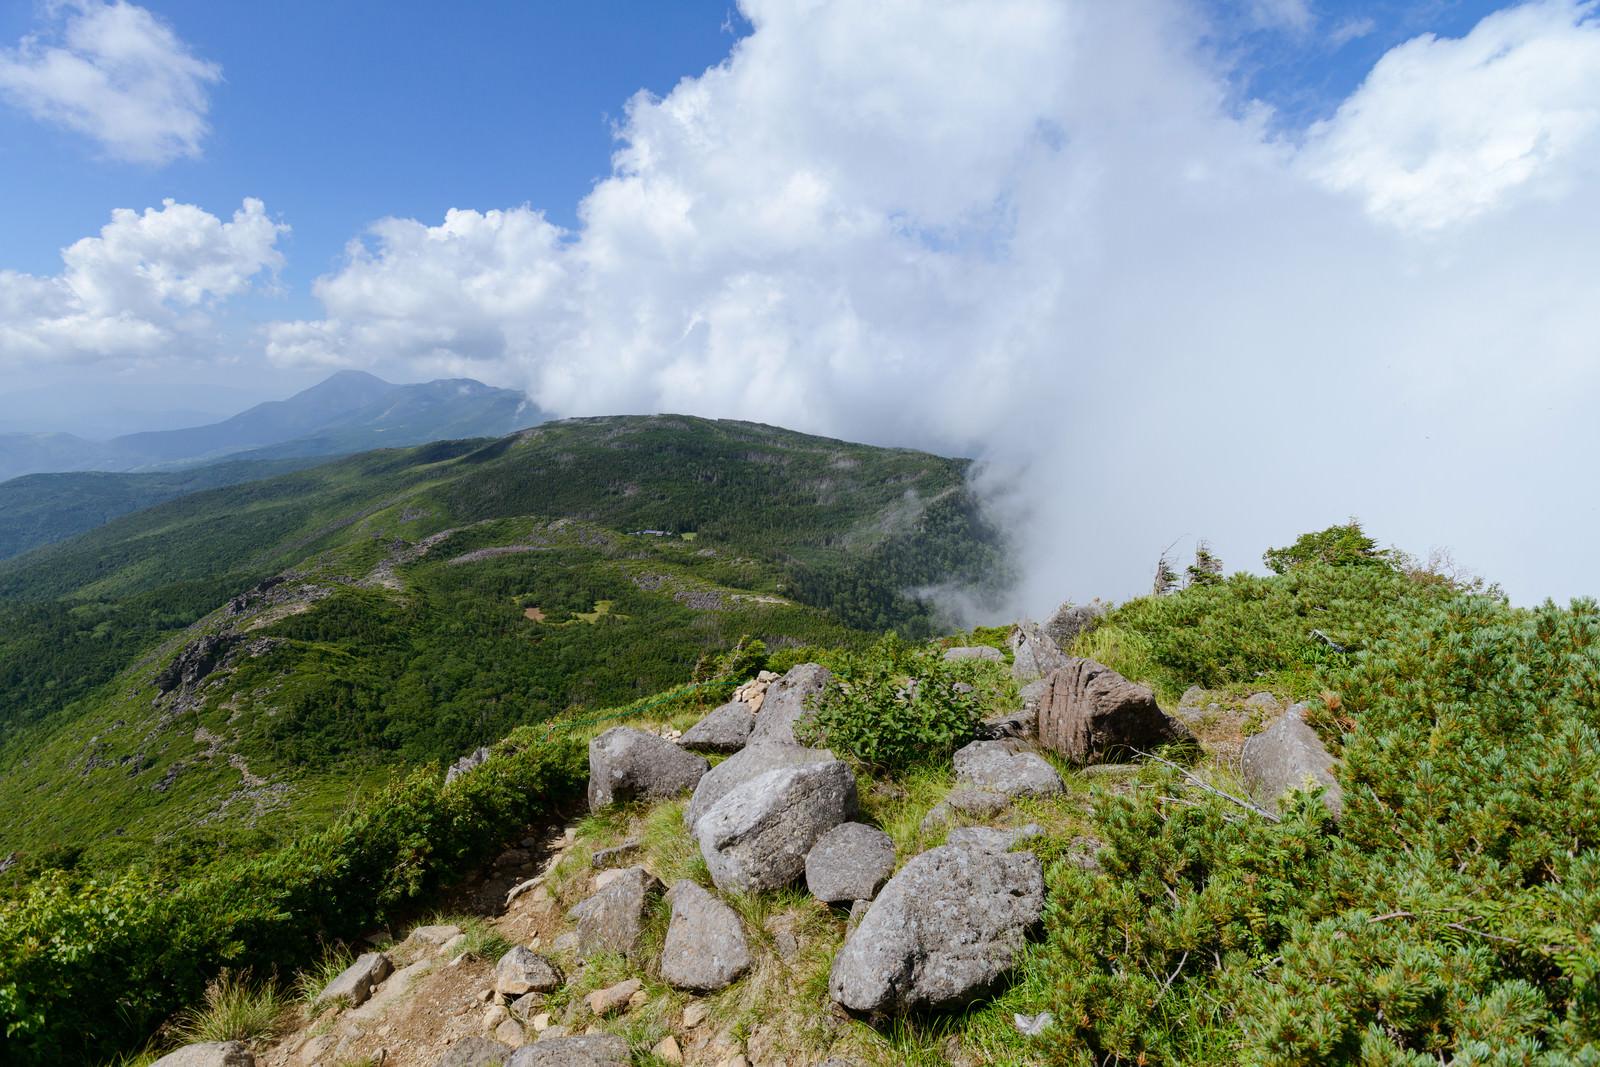 「岩が残る登山道と雲がかかる天狗ノ奥庭(天狗岳)」の写真